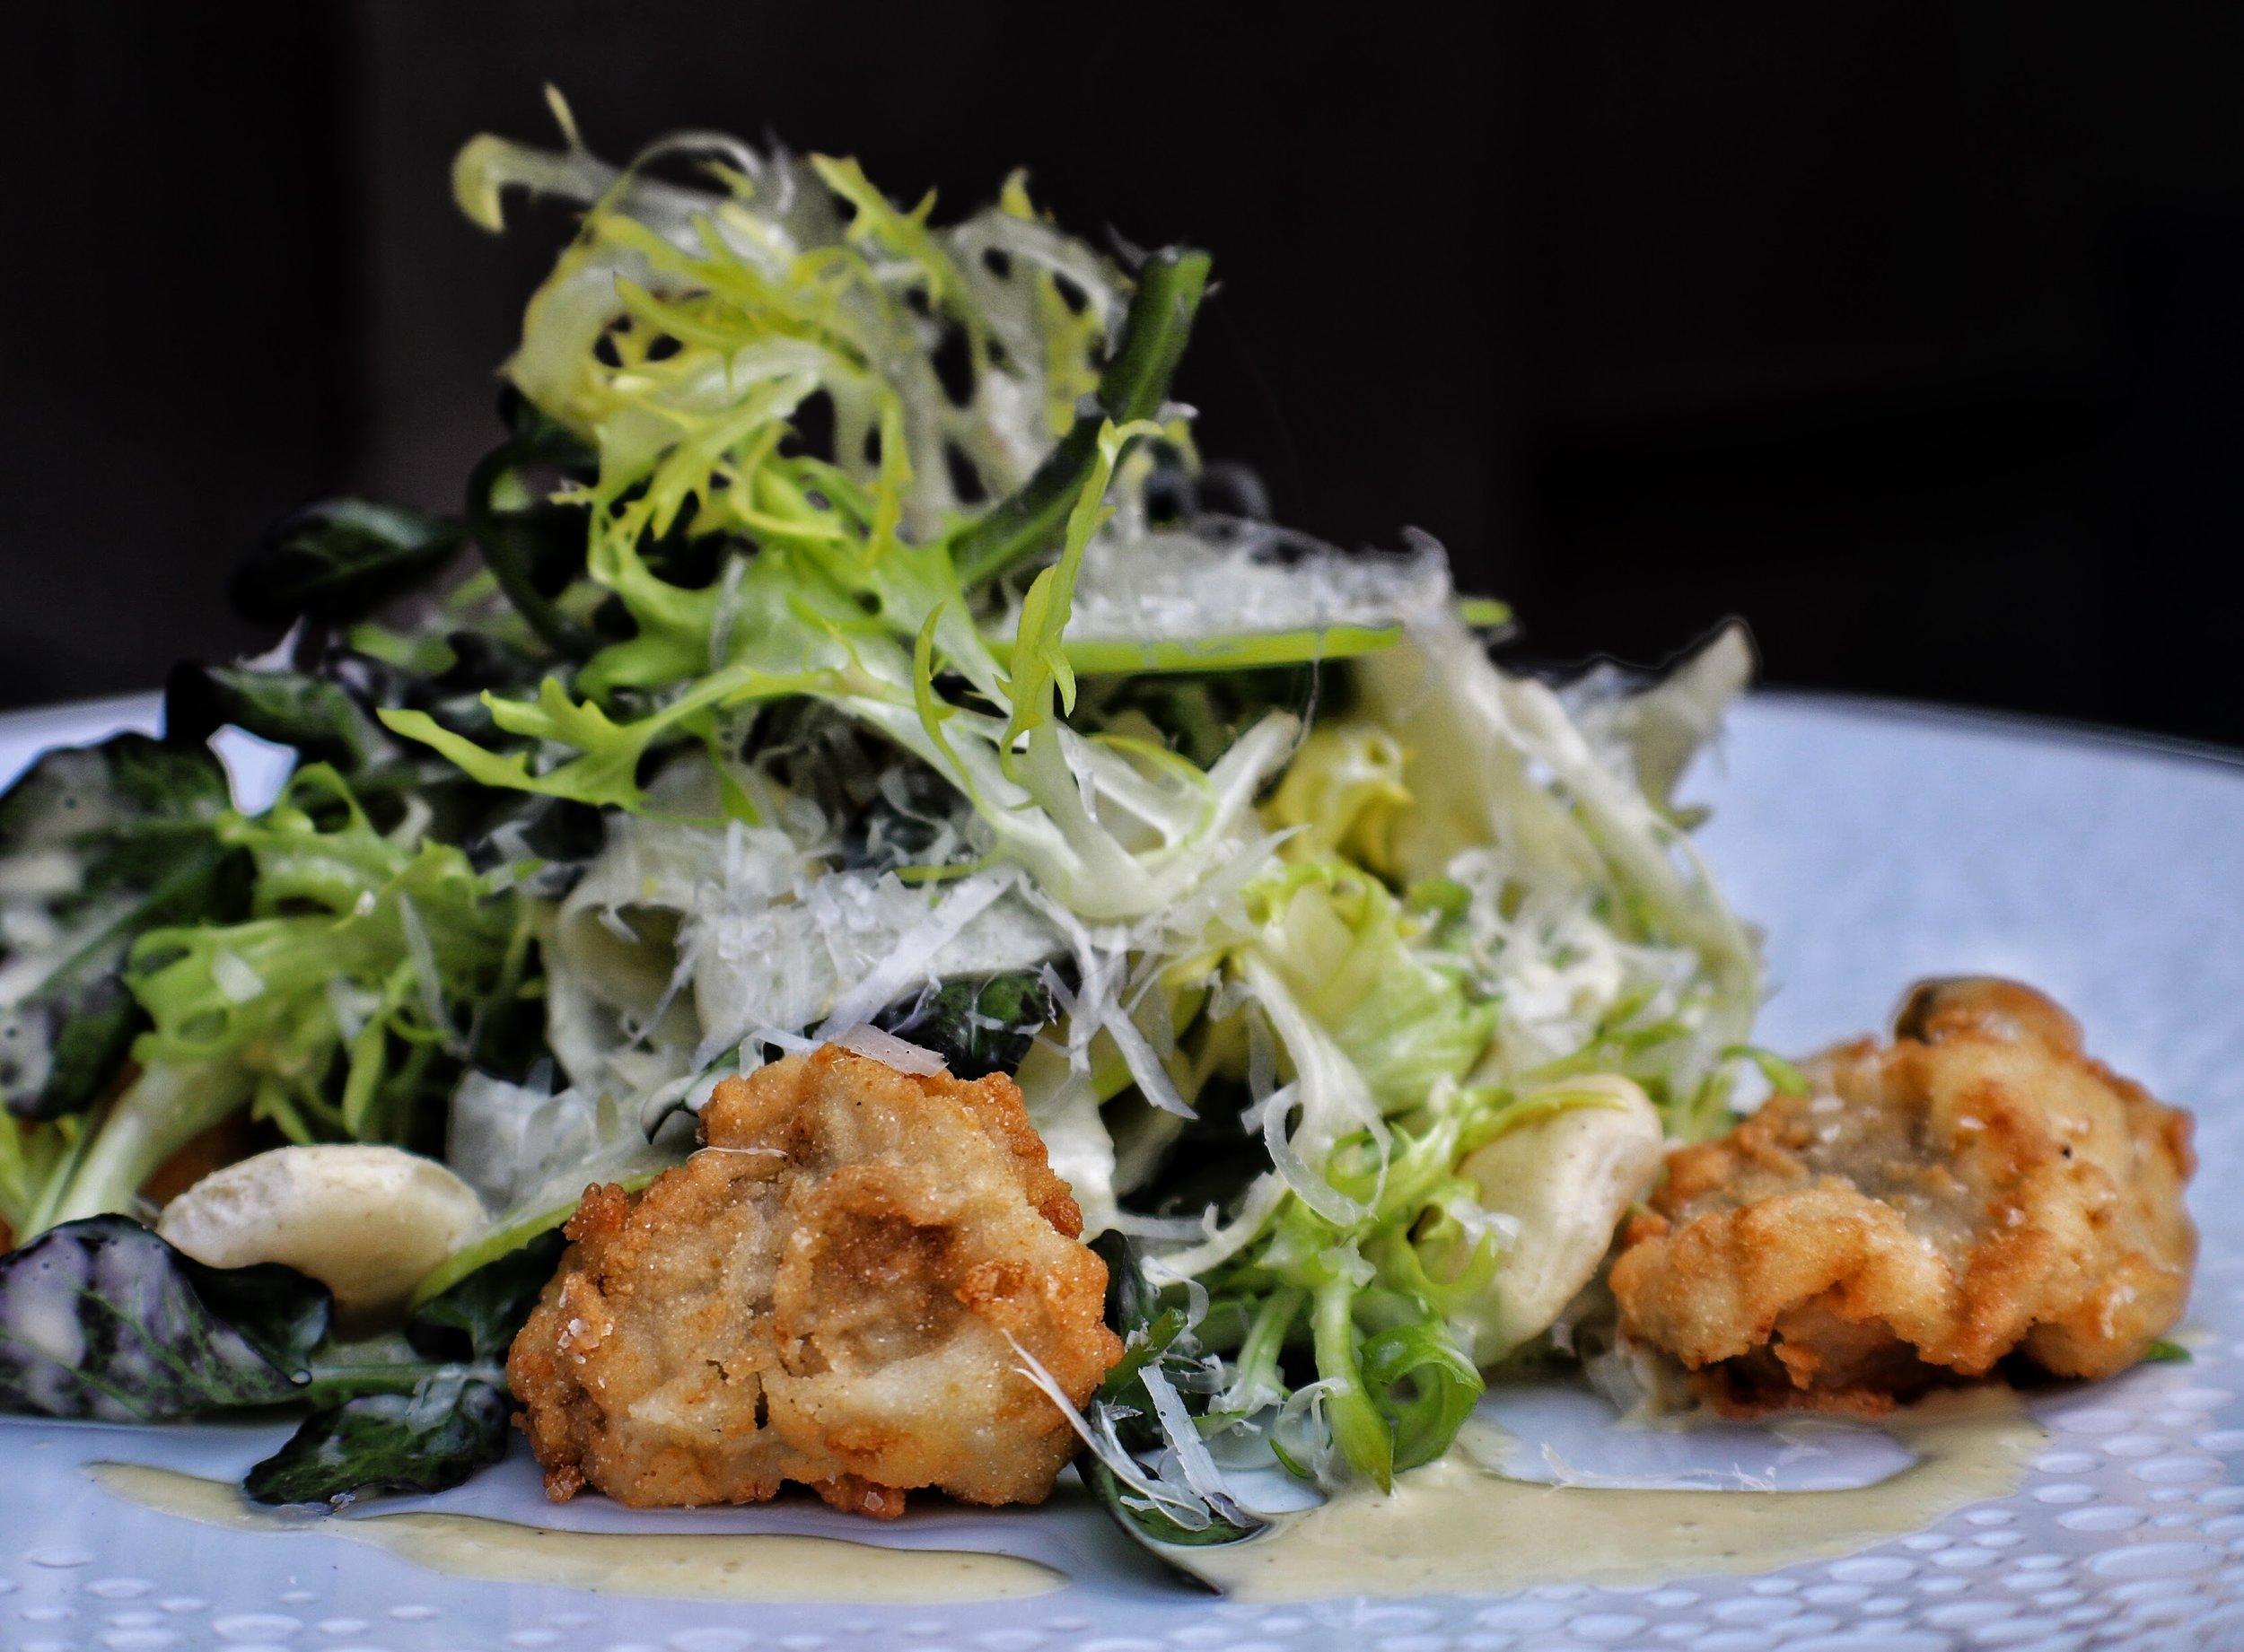 Oyster* Rockefeller Salad   oyster cracker crouton, Pernod dressing